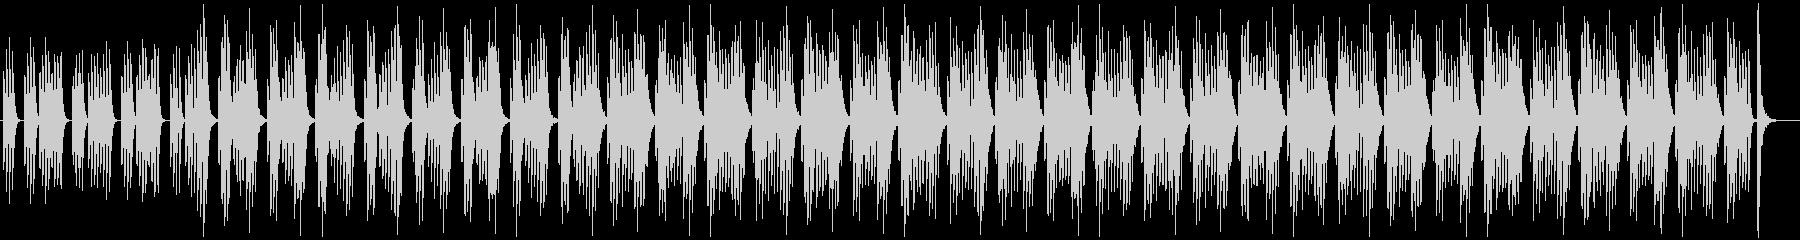 ミニマル・シンプル・リラックス・かわいいの未再生の波形